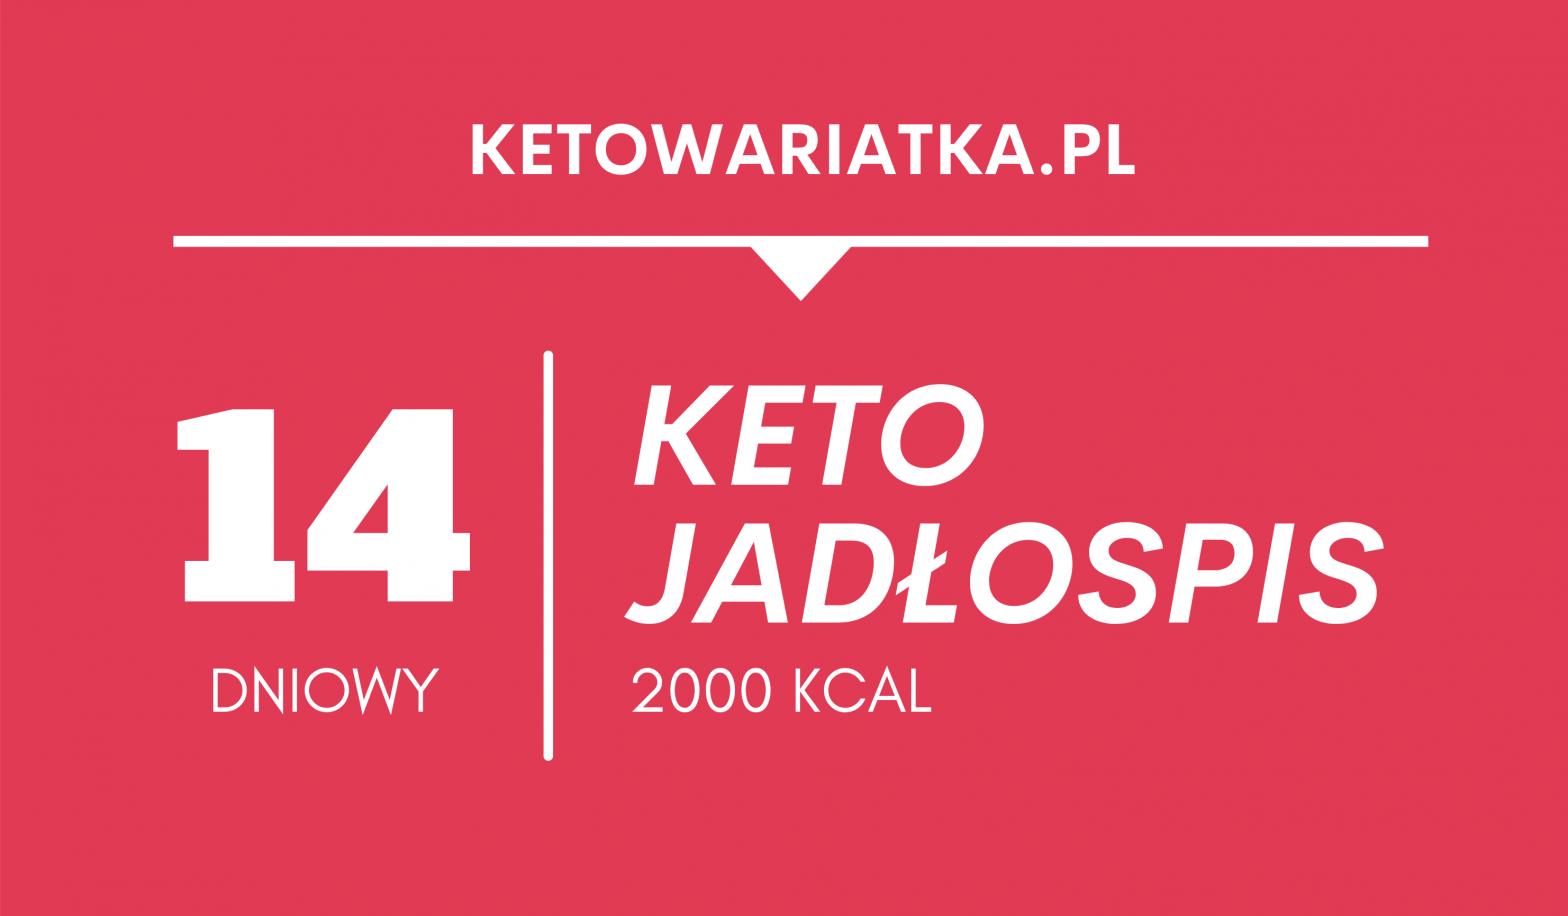 Keto jadłospis – 14 dni (2000 kcal)